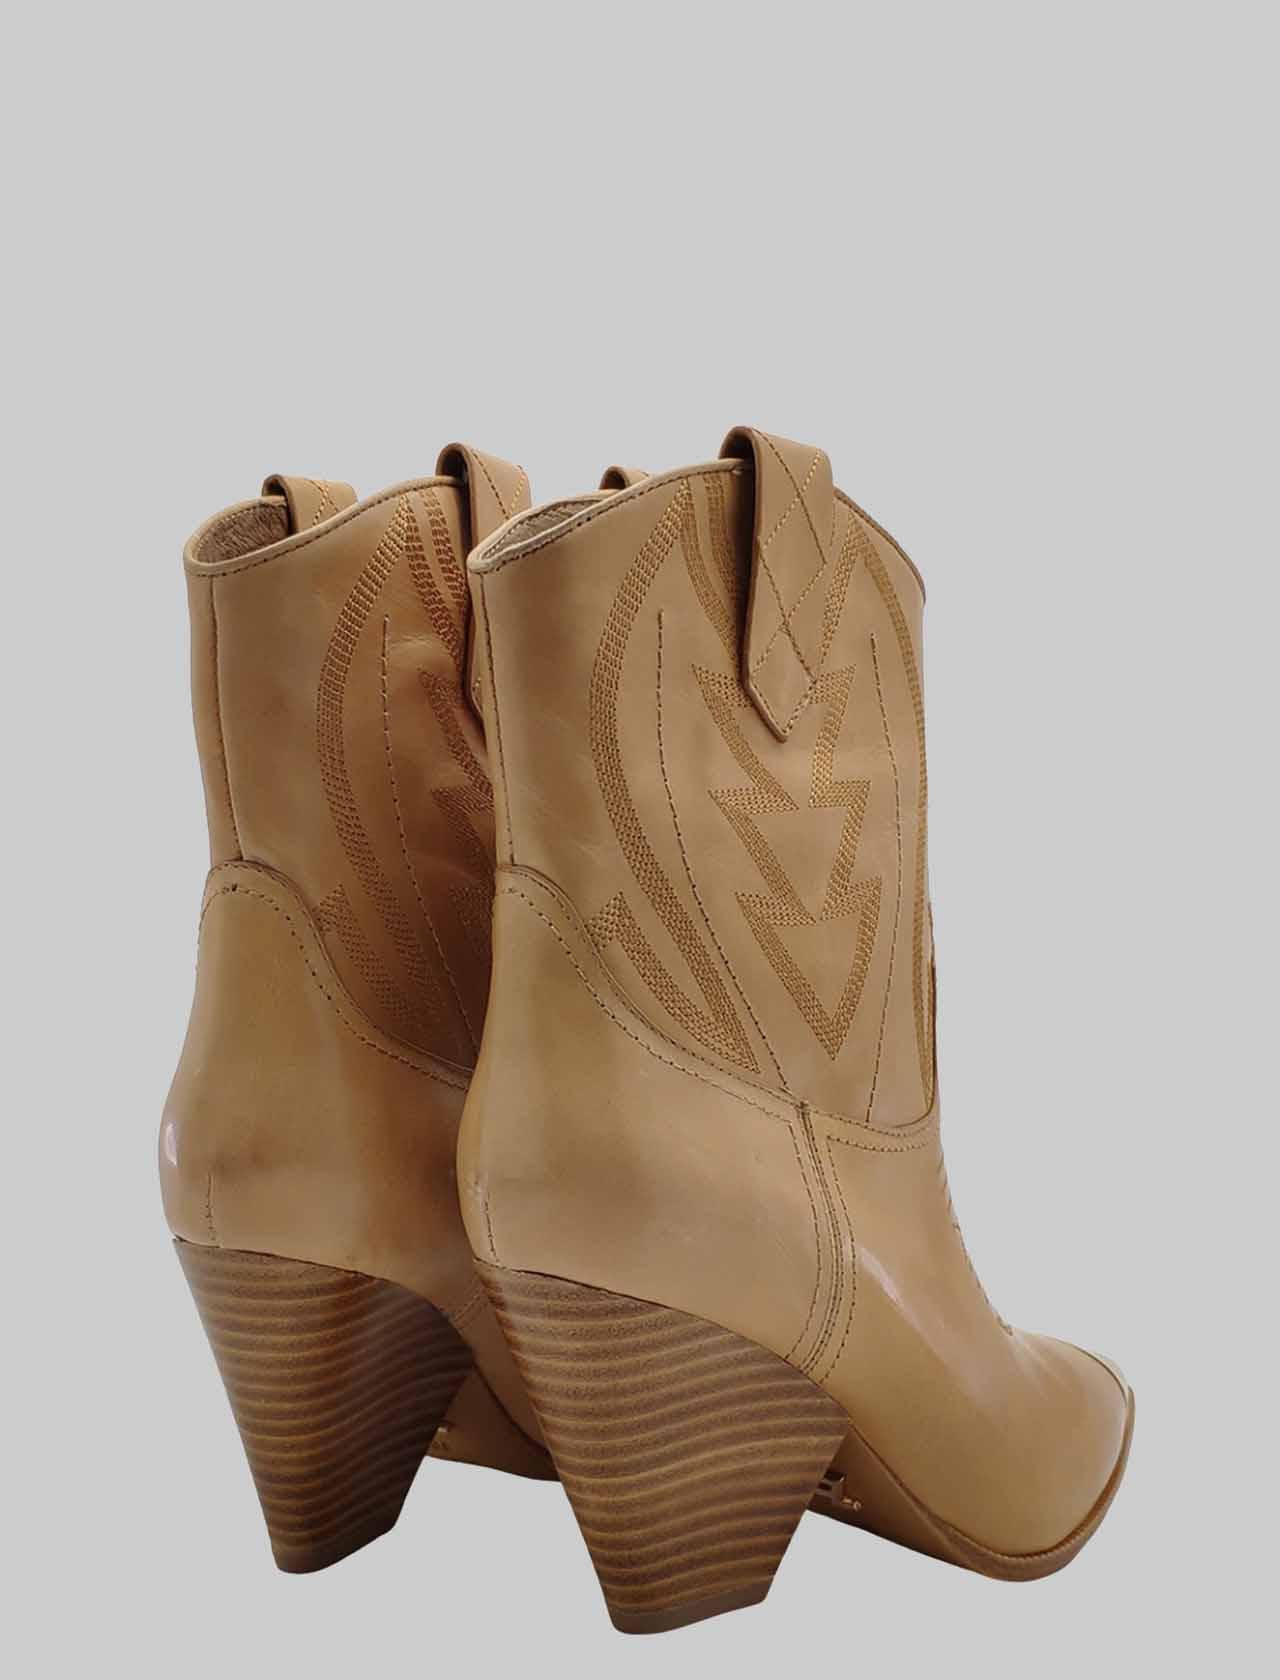 Calzature Donna Stivaletti Texani in Pelle Cuoio Con Puntale e Cuciture Lola Cruz | Stivaletti | 293T10BKCAMEL